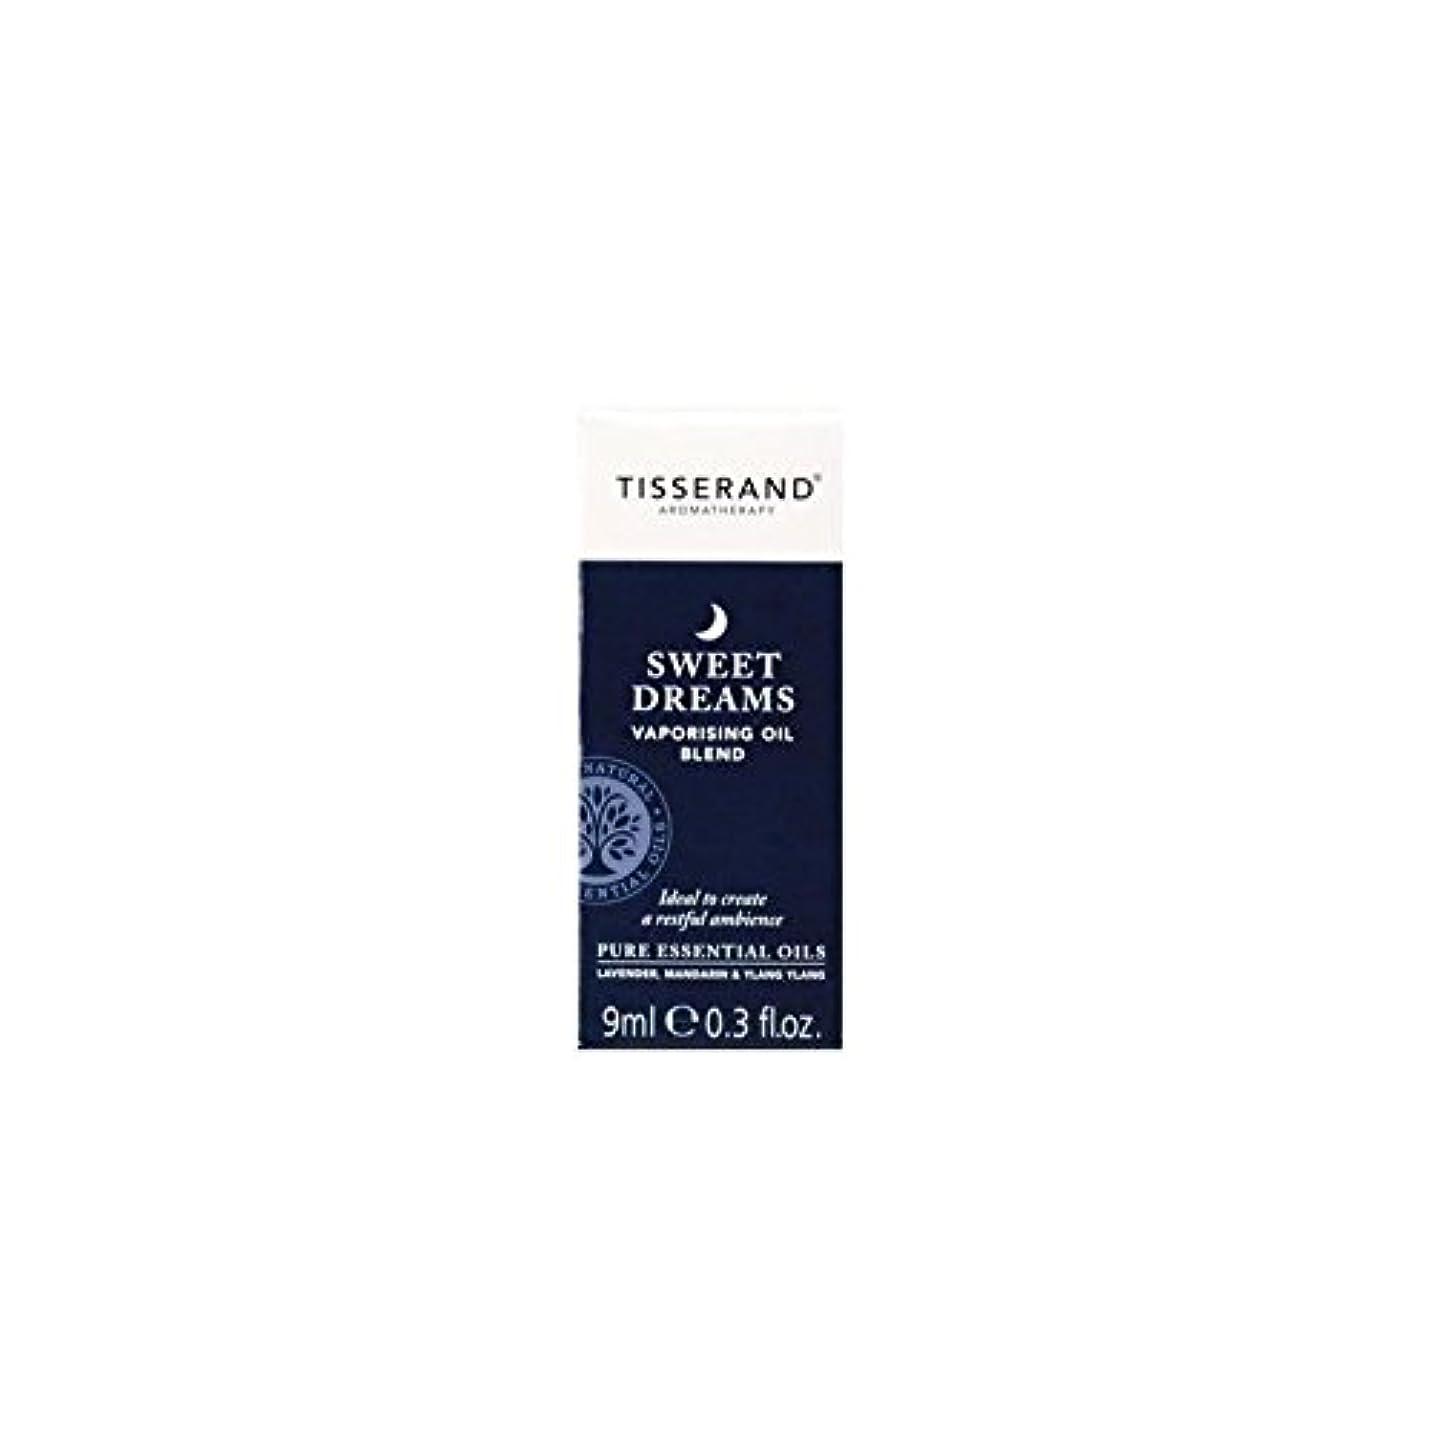 本質的に印をつける平衡オイル9ミリリットルを気化甘い夢 (Tisserand) (x 2) - Tisserand Sweet Dreams Vaporising Oil 9ml (Pack of 2) [並行輸入品]